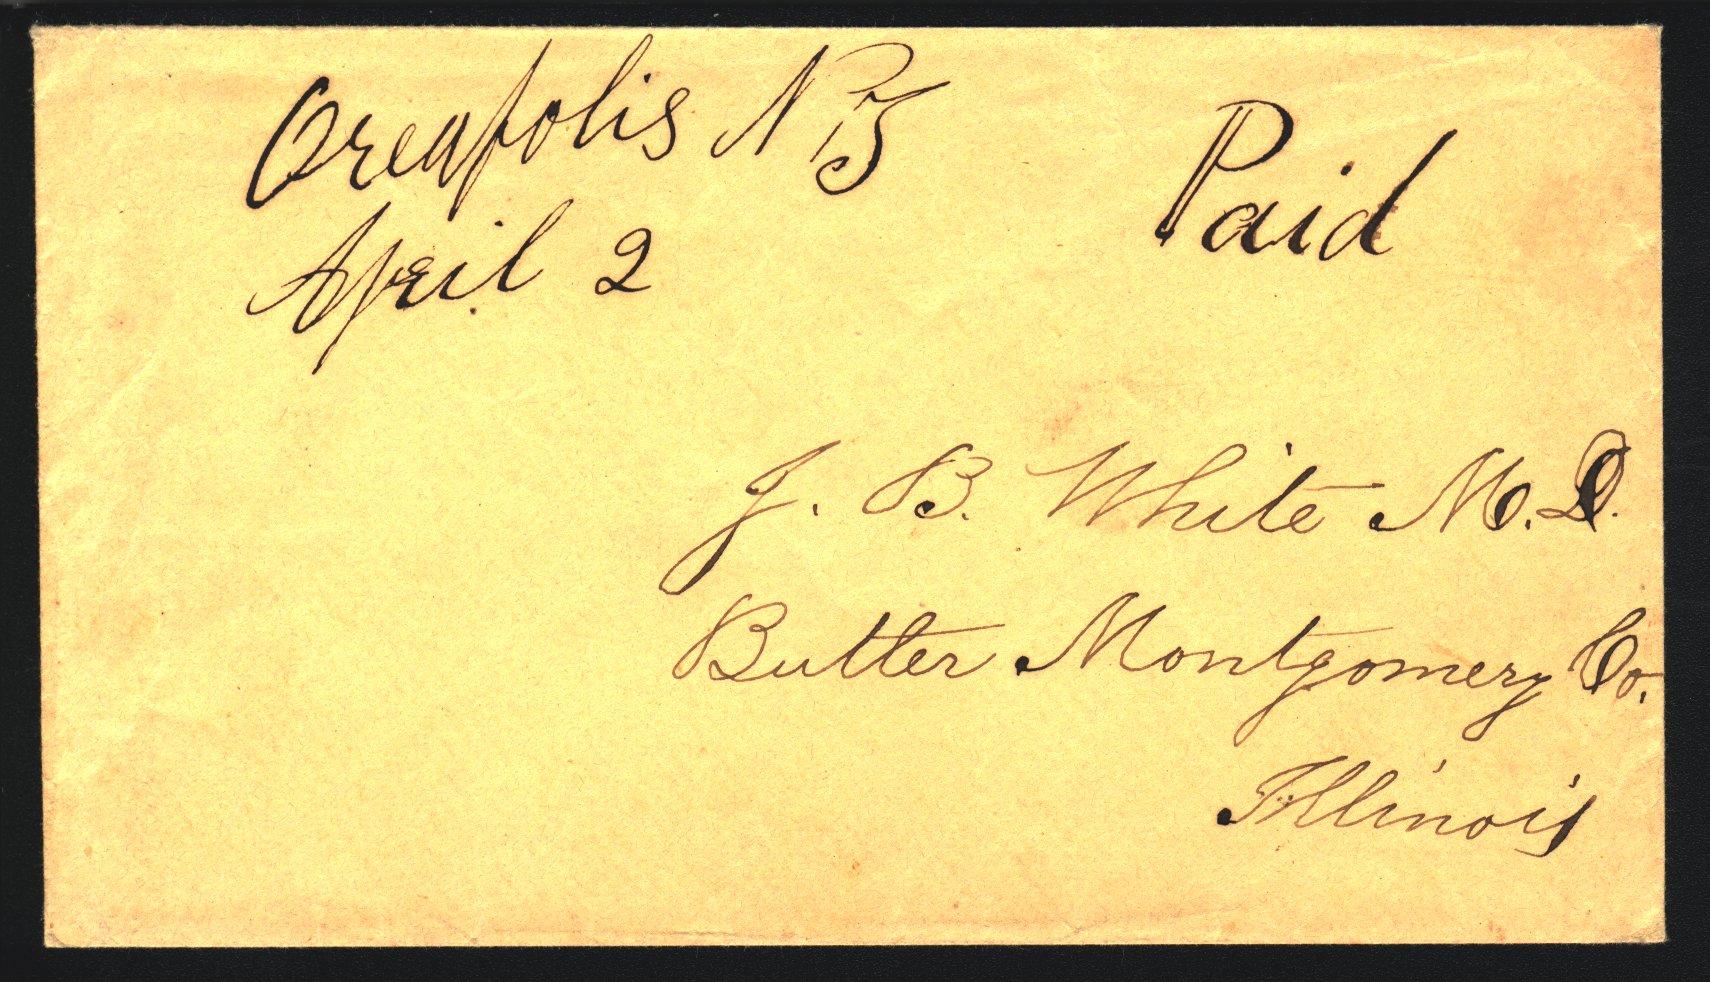 Oreapolis 1860 04 02